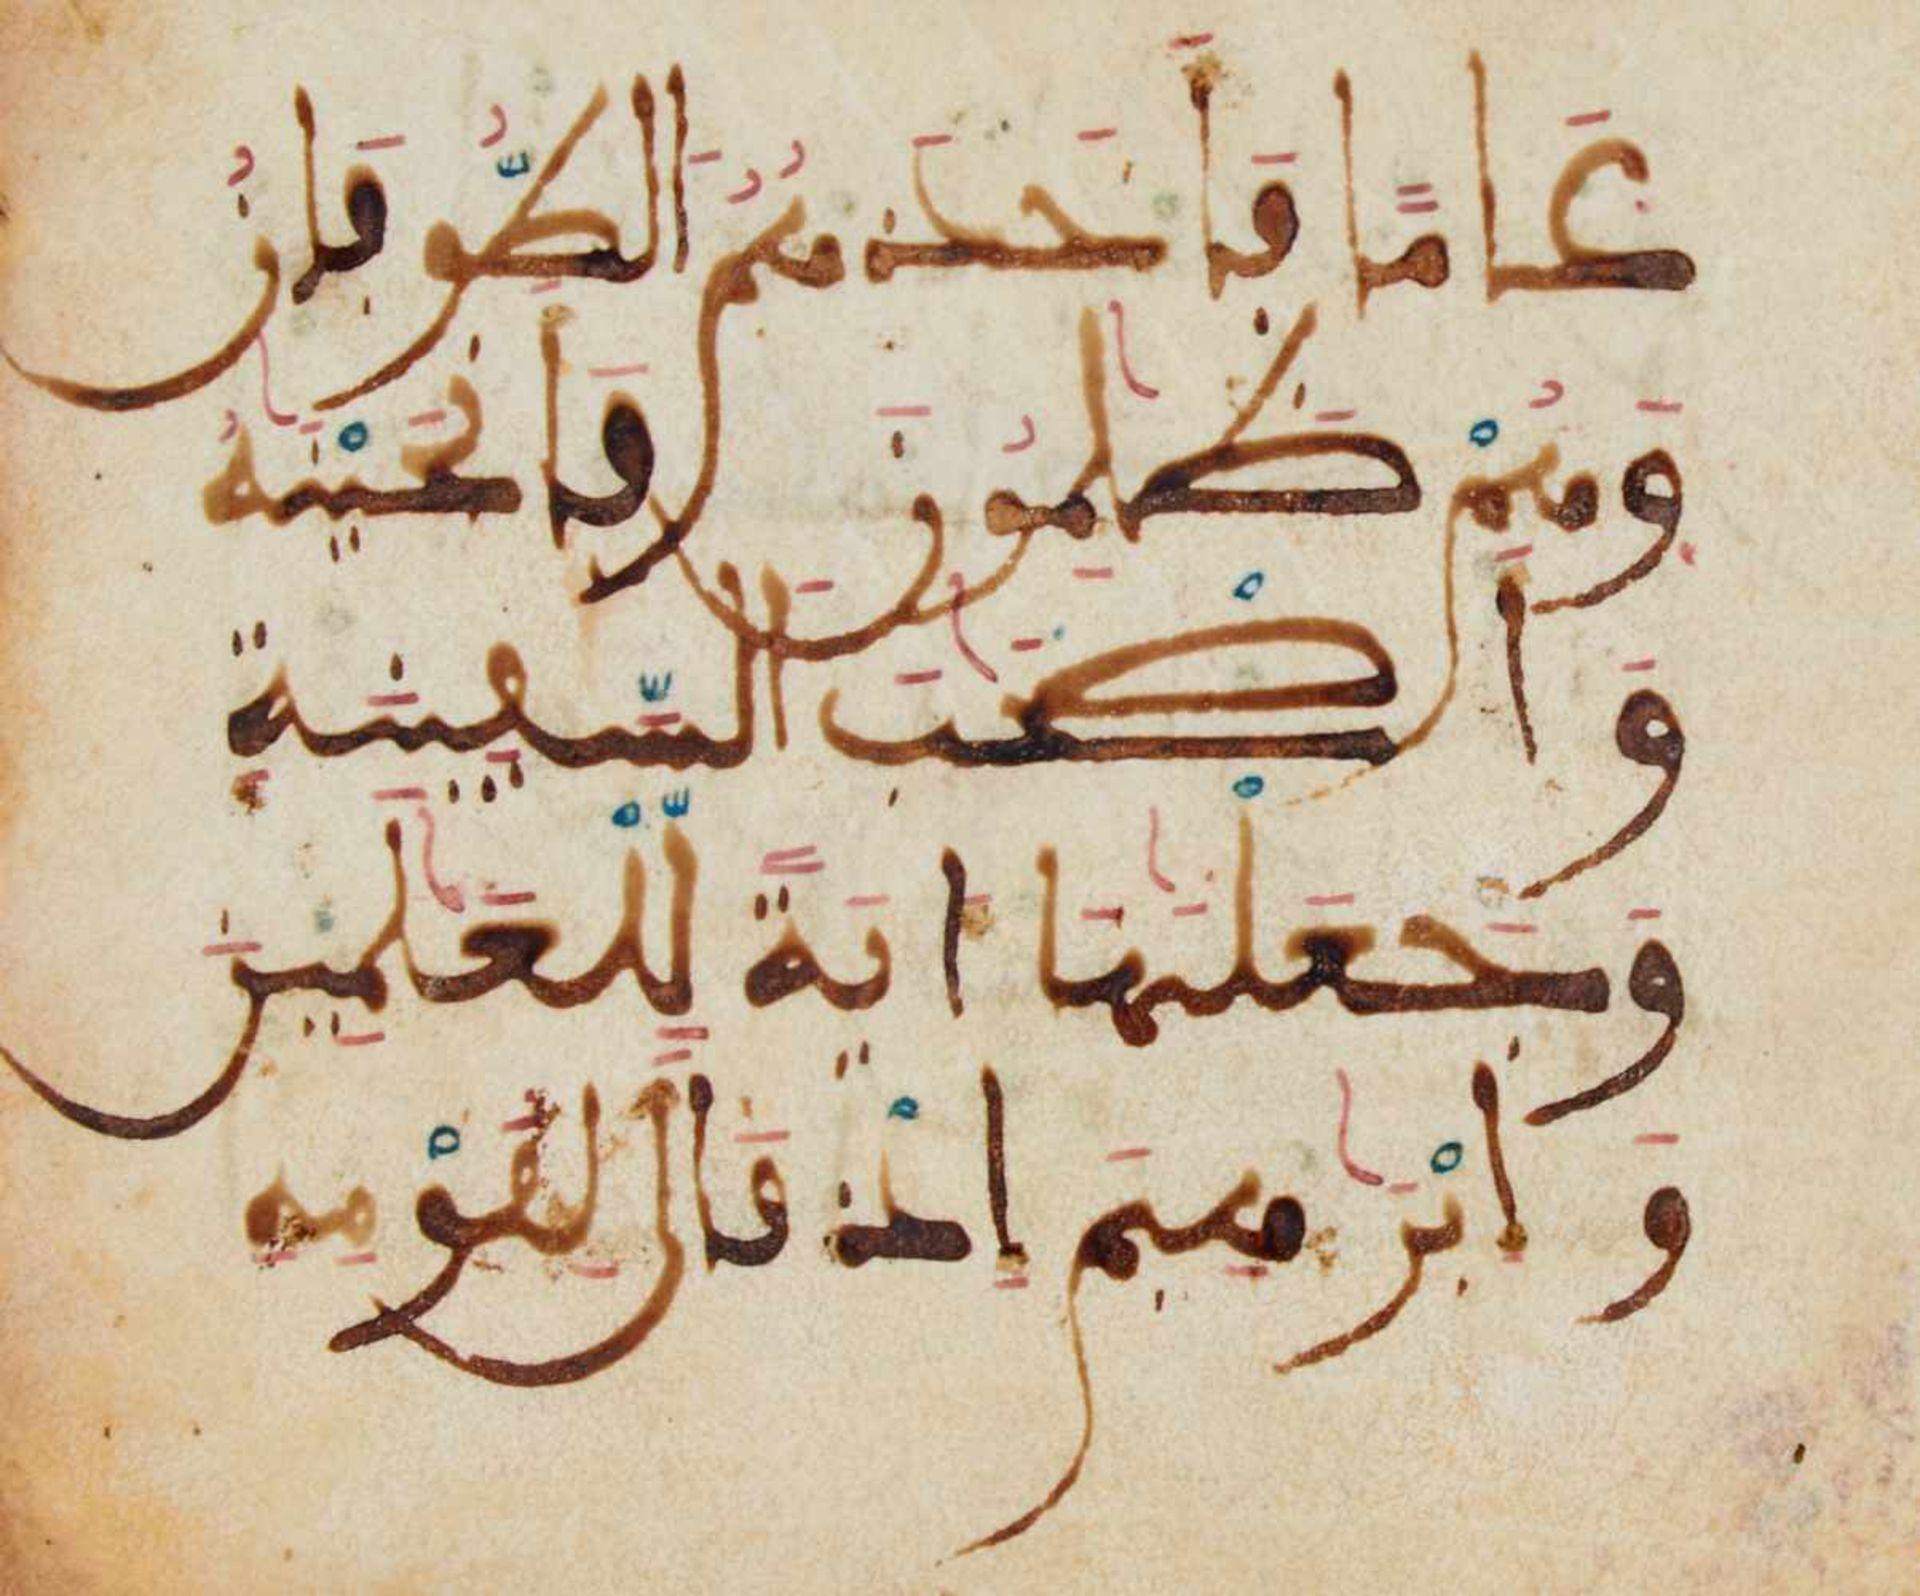 Koran - Zwei Blätter mit Texten aus dem Koranaus einer maghrebinischen Handschrift auf Pergament. - Bild 3 aus 4